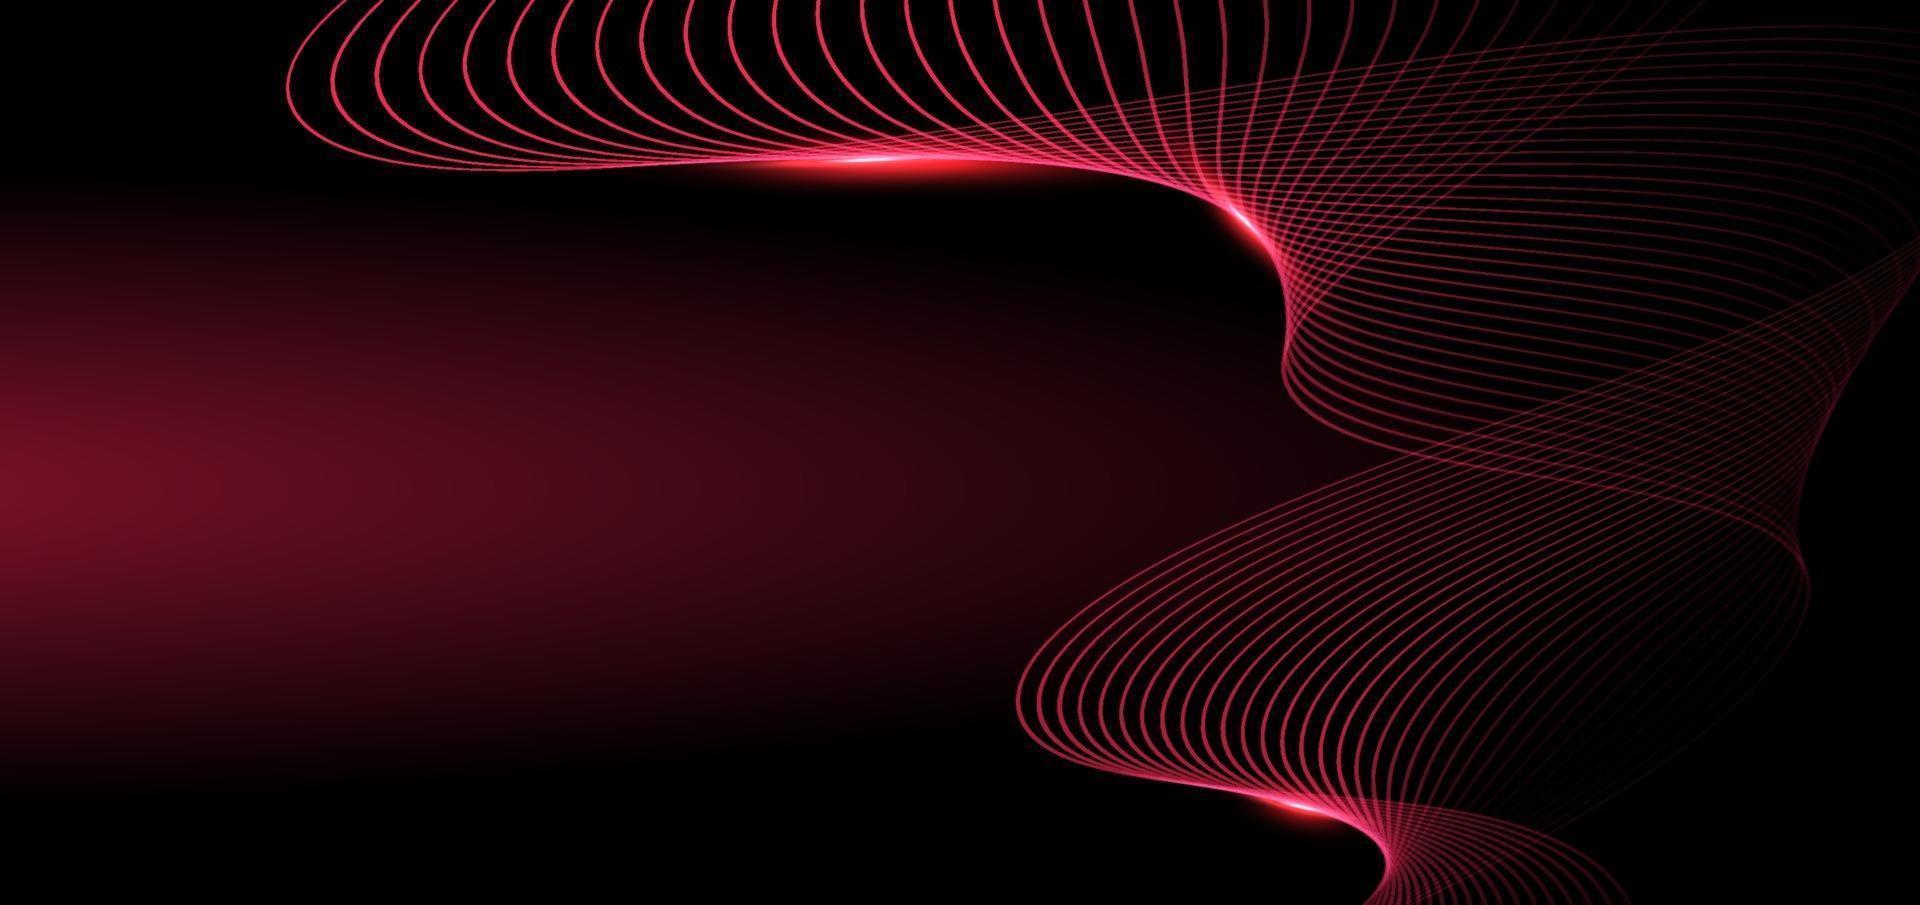 abstrait vague rougeoyante lignes rouges sur fond sombre. concept technologique. vecteur